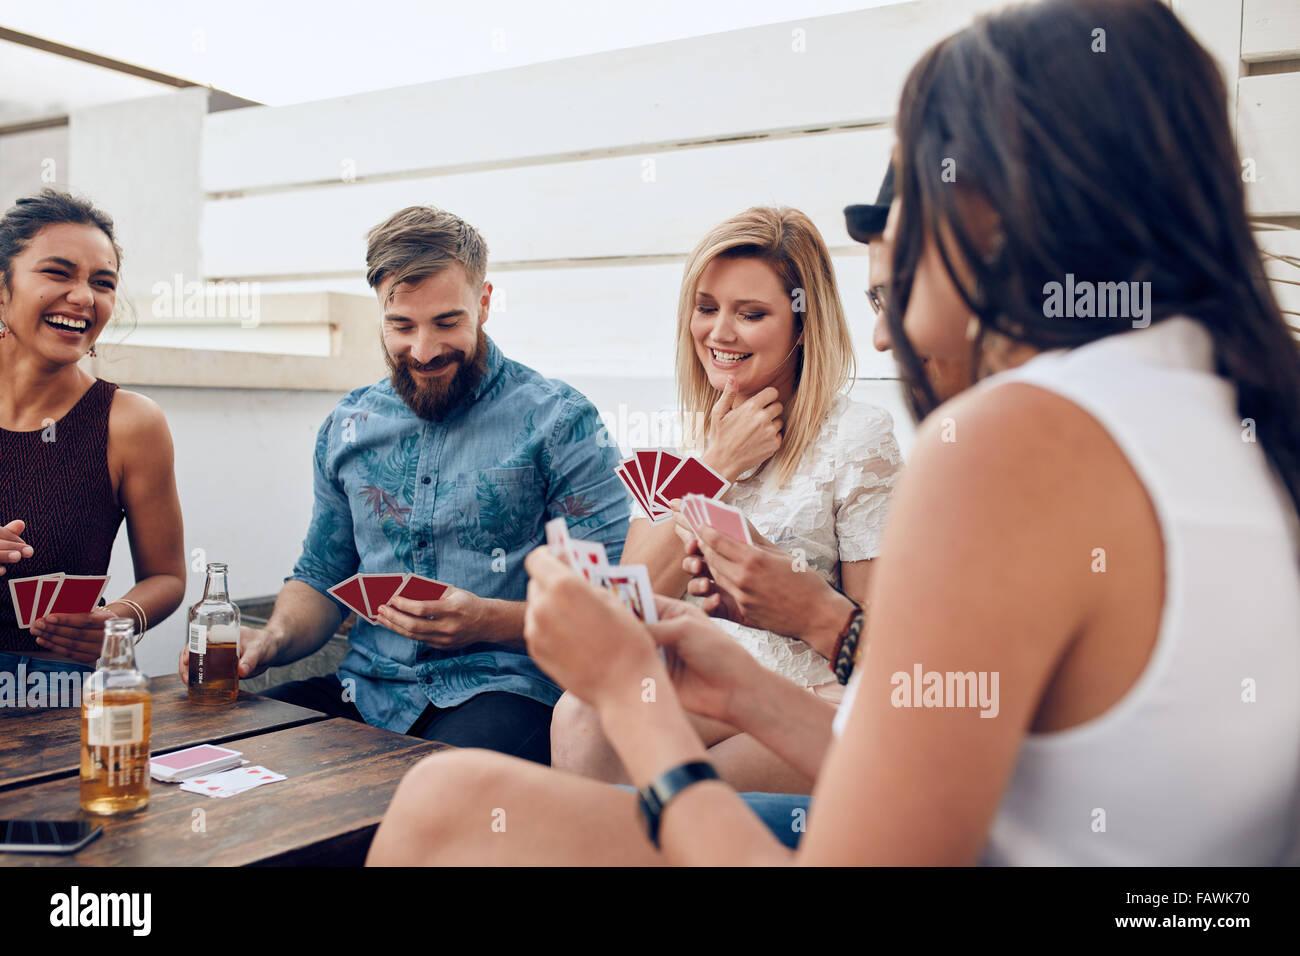 Grupo de Amigos sentados en una mesa de madera y jugando a las cartas. Los jóvenes jugando un juego de cartas Imagen De Stock